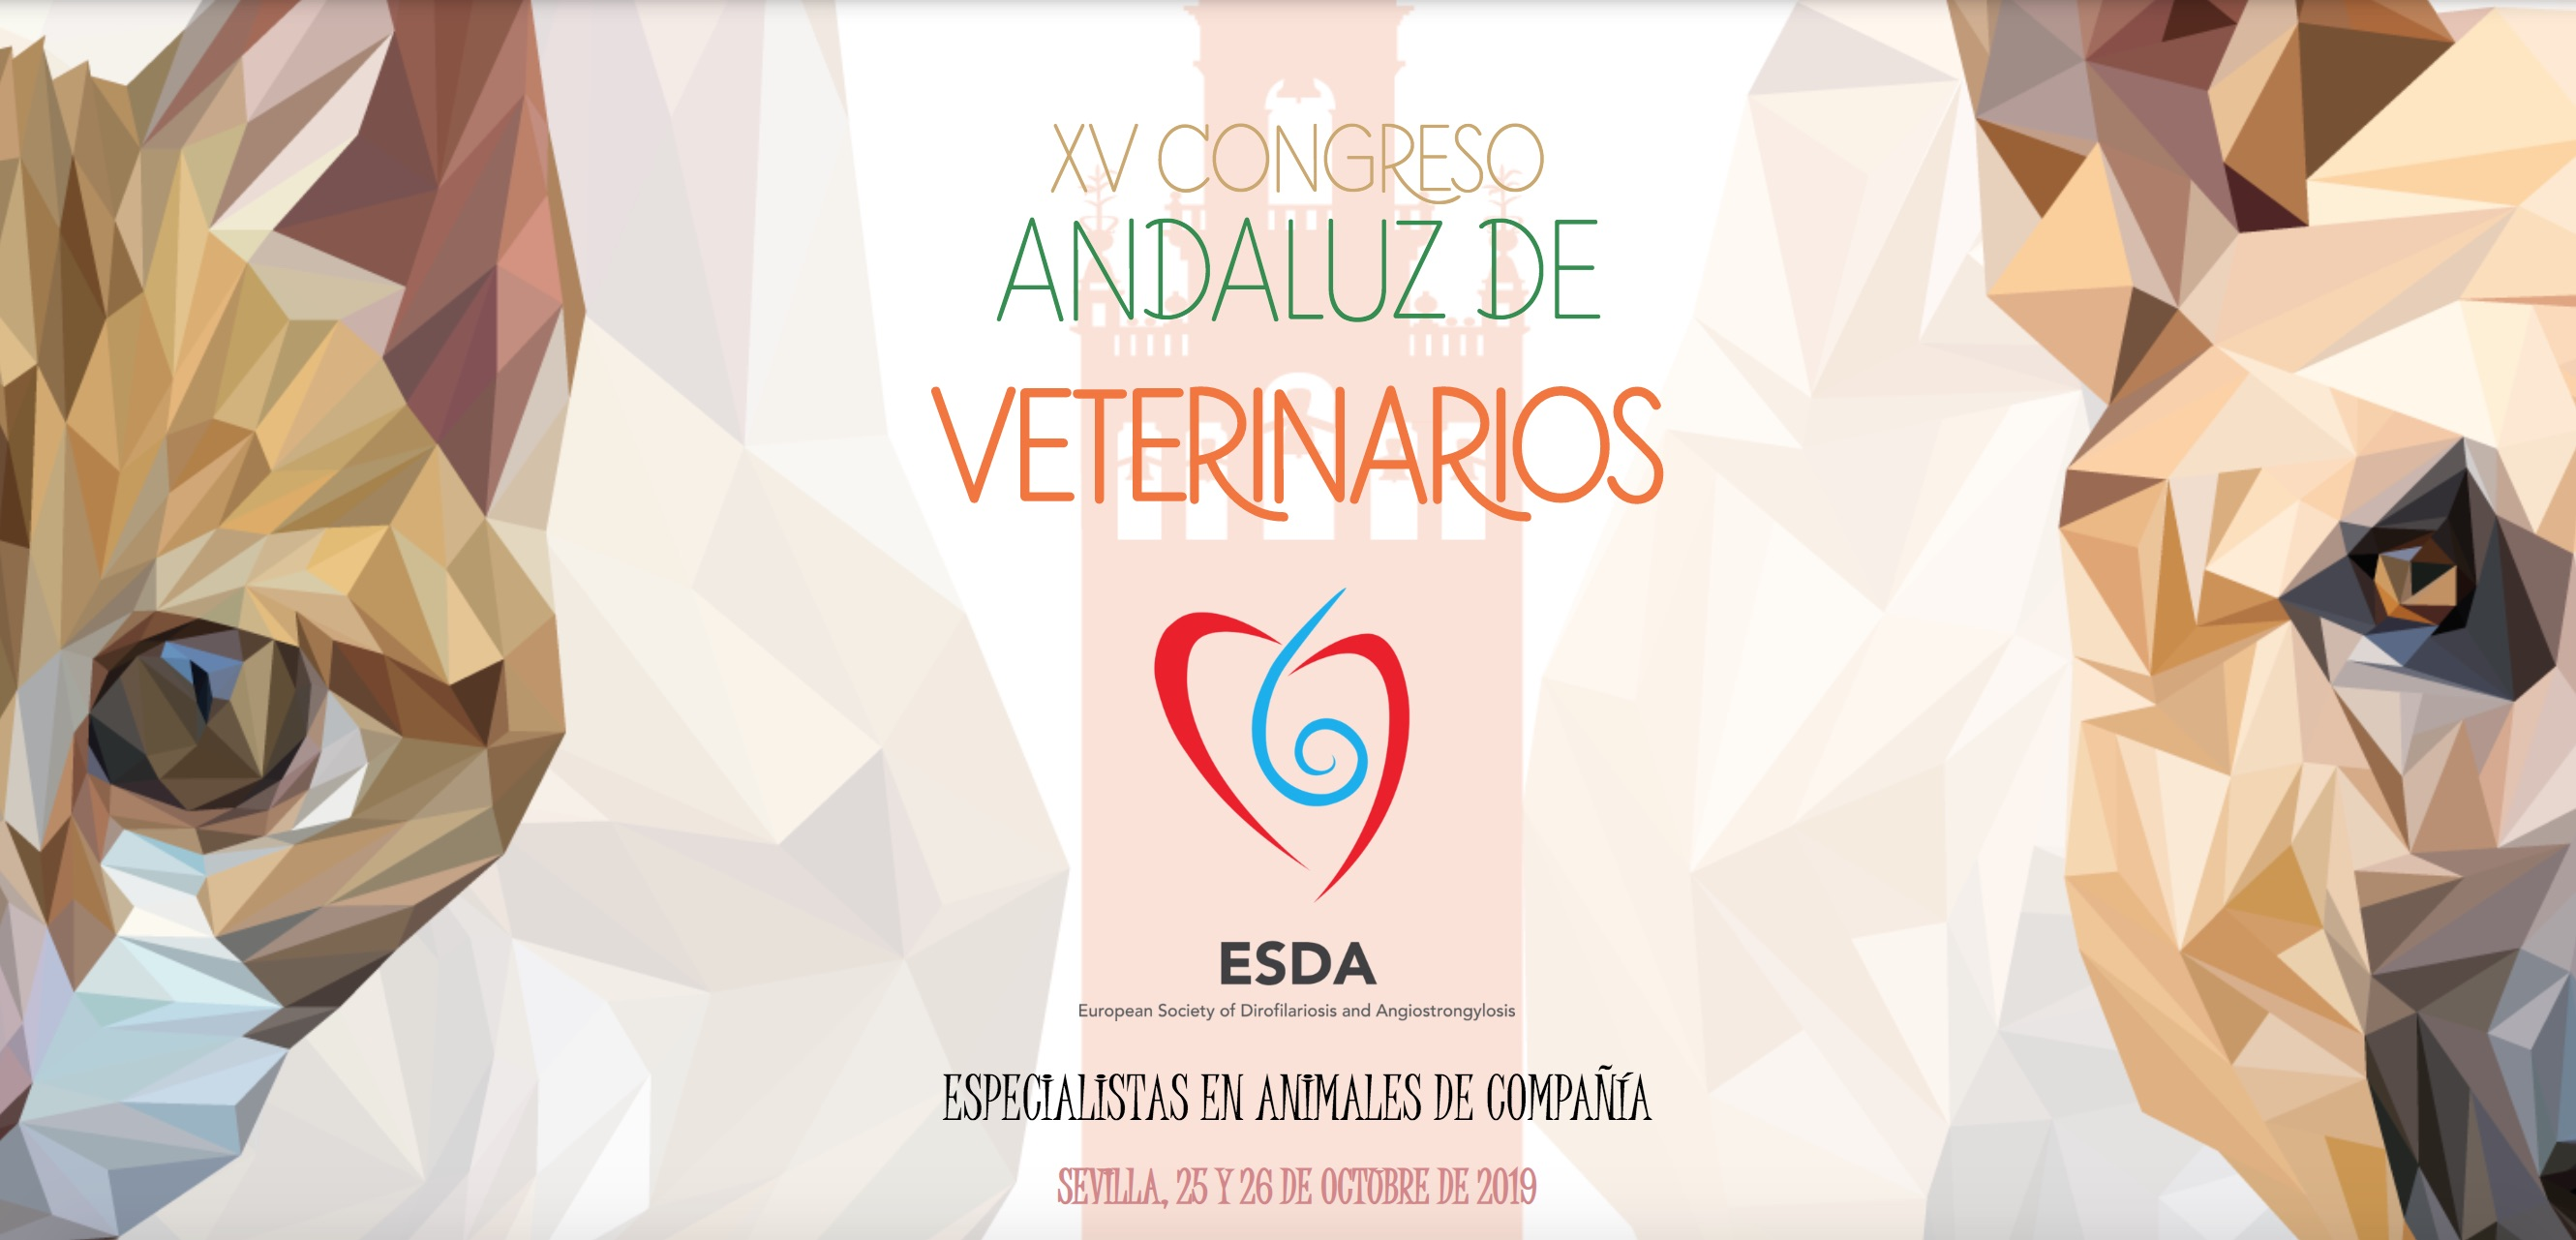 Congreso Andaluz de Veterinarios